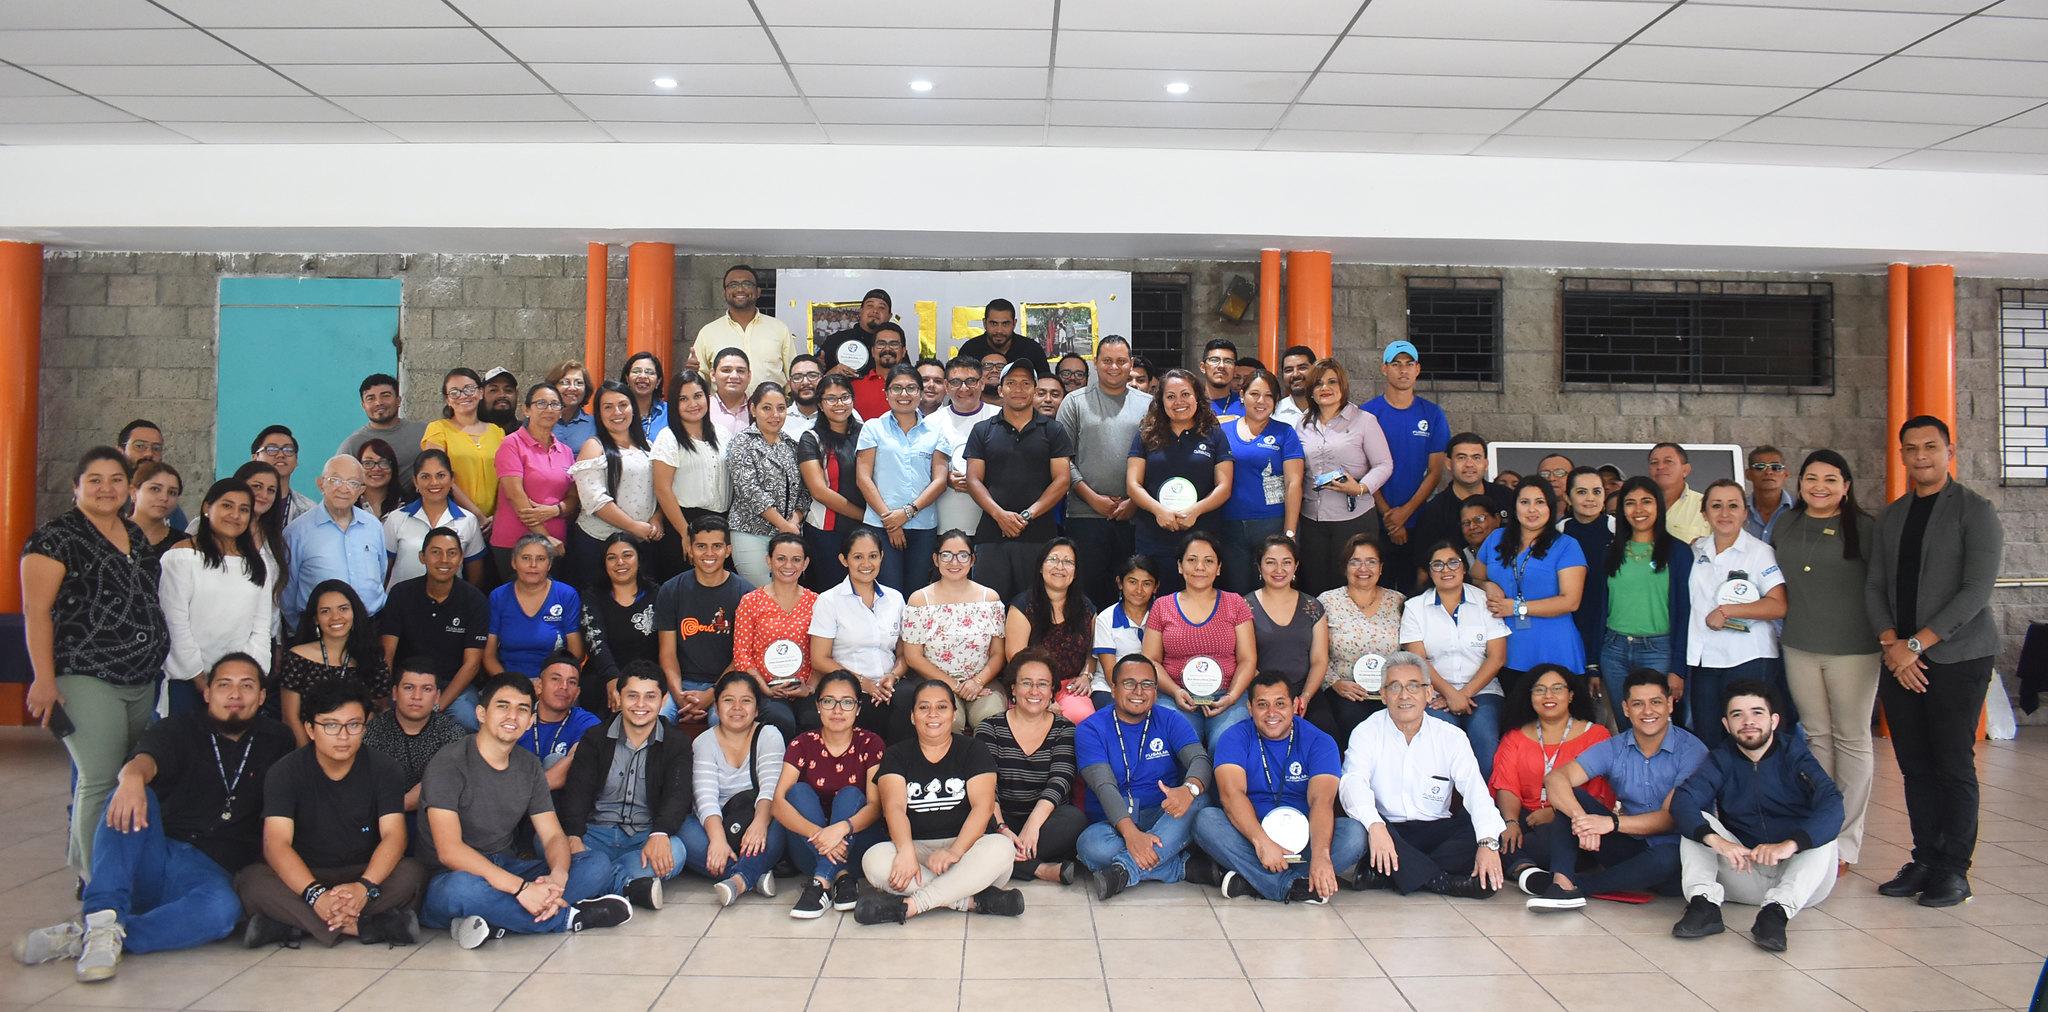 19 años al servicio de la niñez y juventud de El Salvador